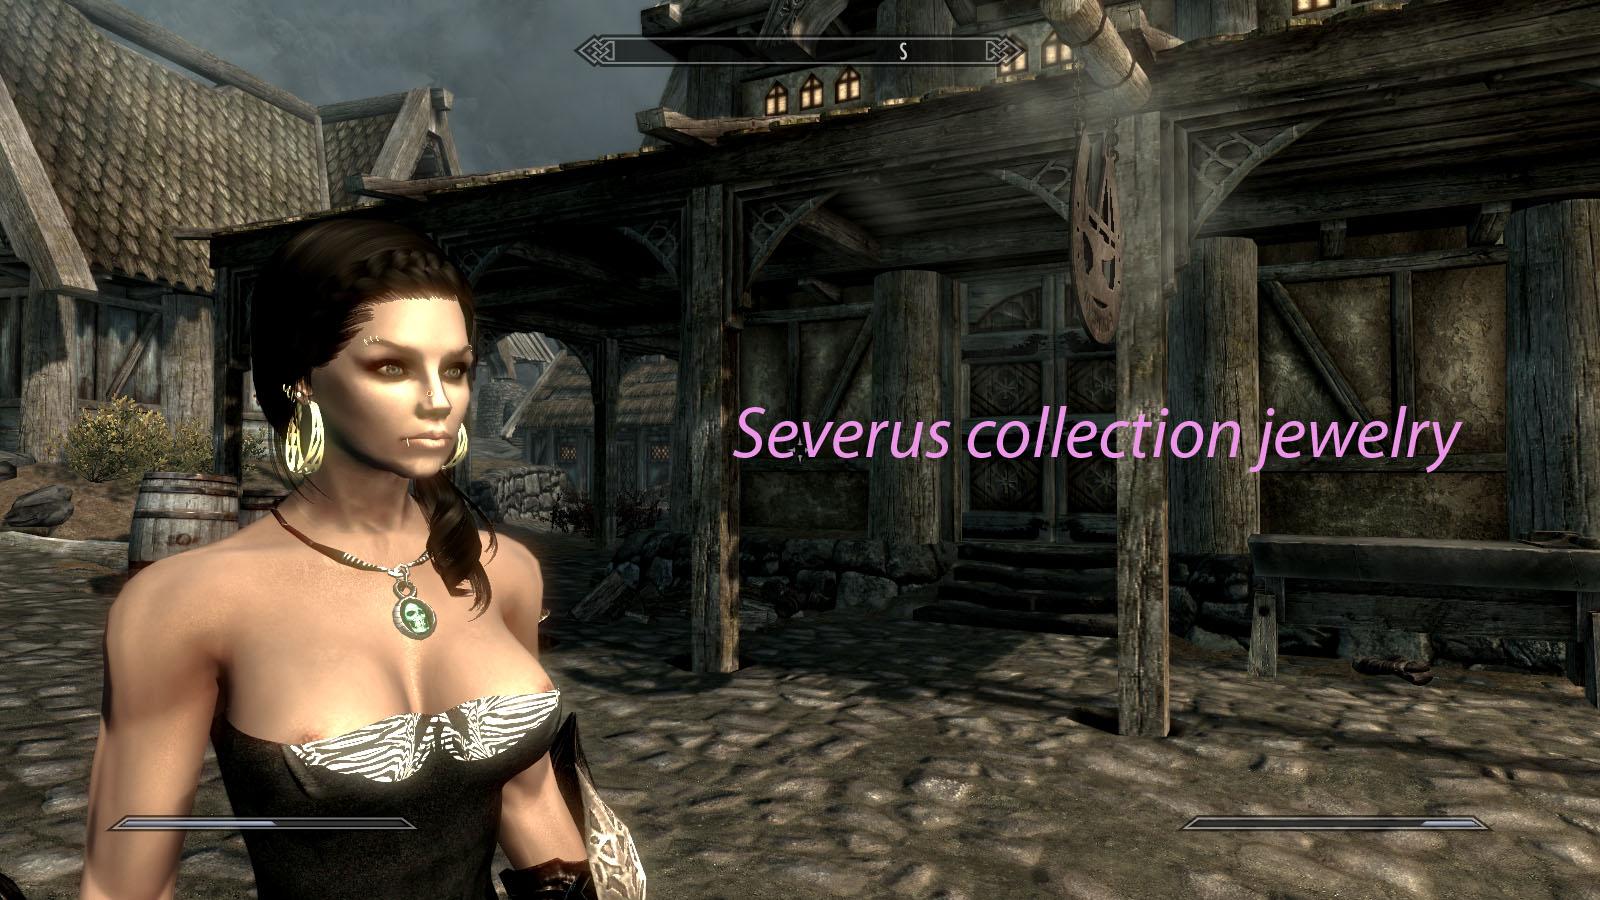 Сексуальные персонажи из скайрима